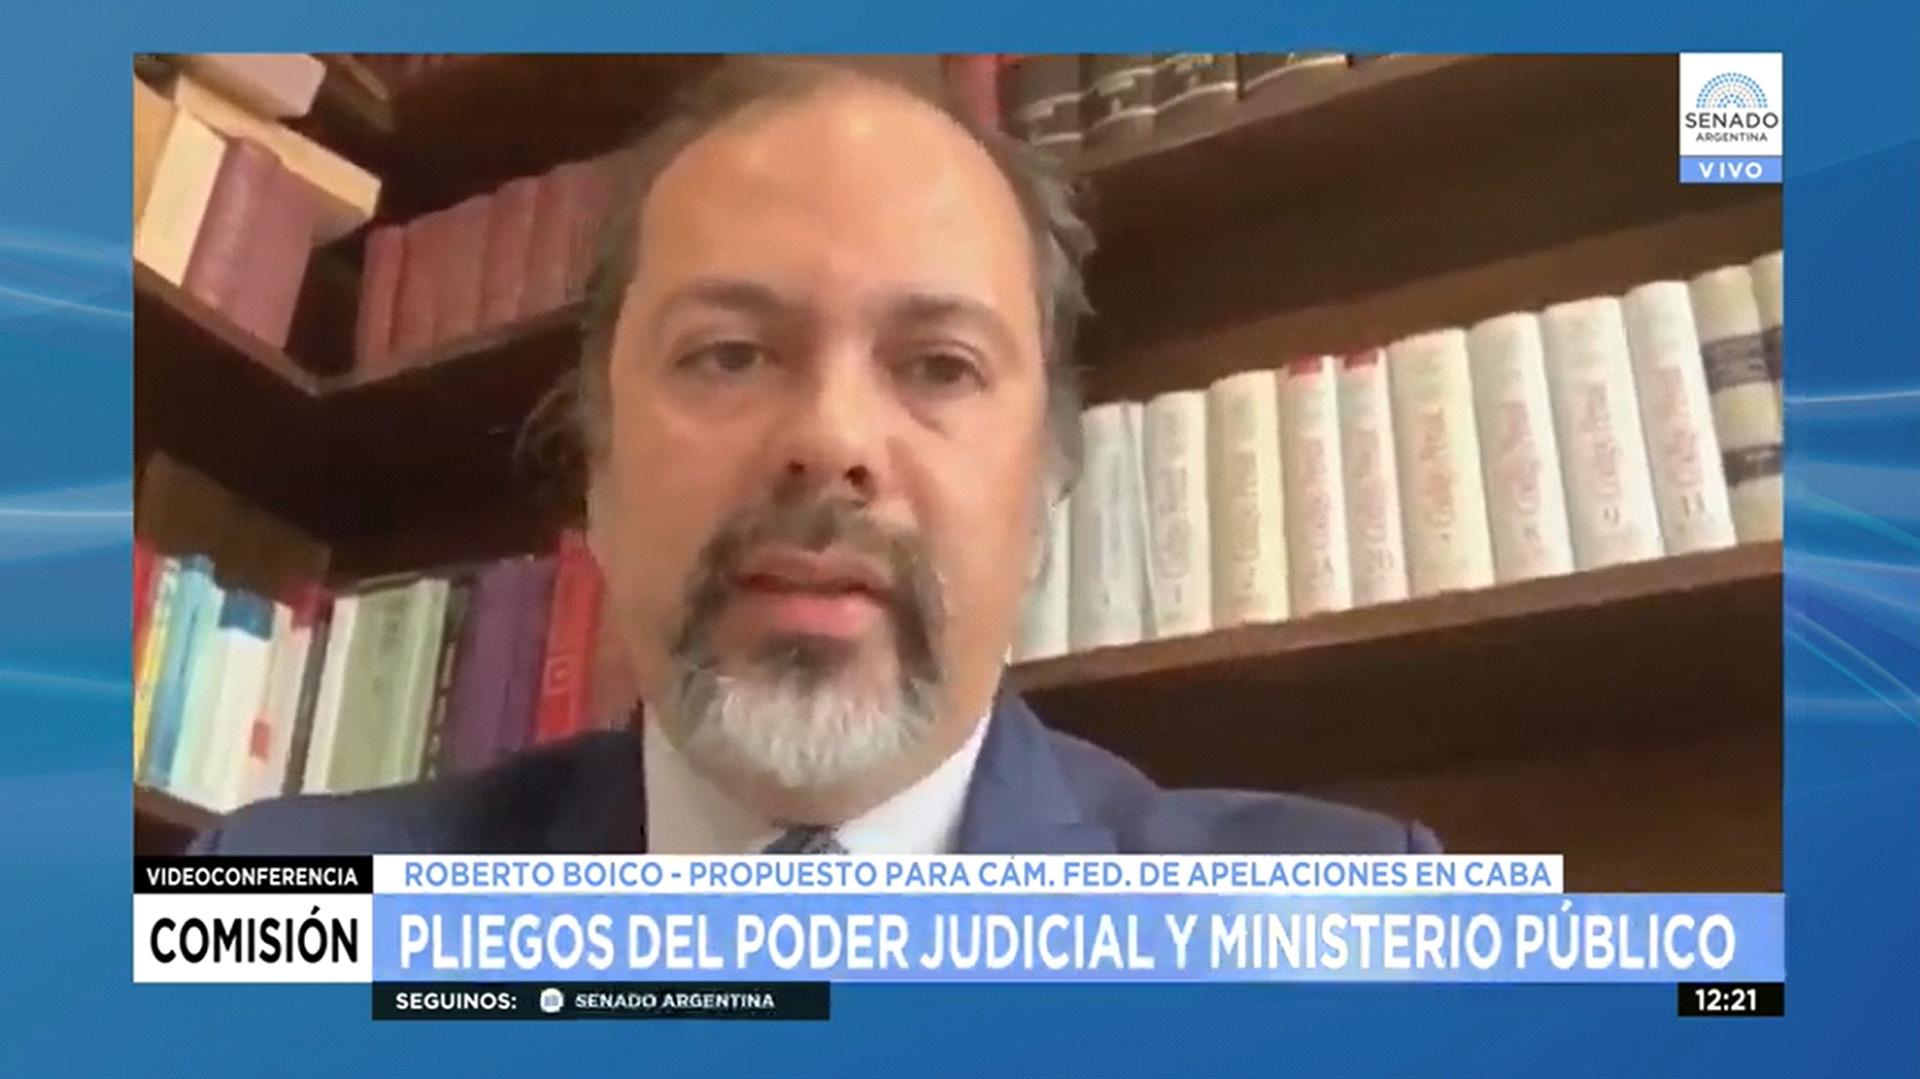 El Senado aprobó el nombramiento del abogado de Cristina Kirchner en la Cámara Federal